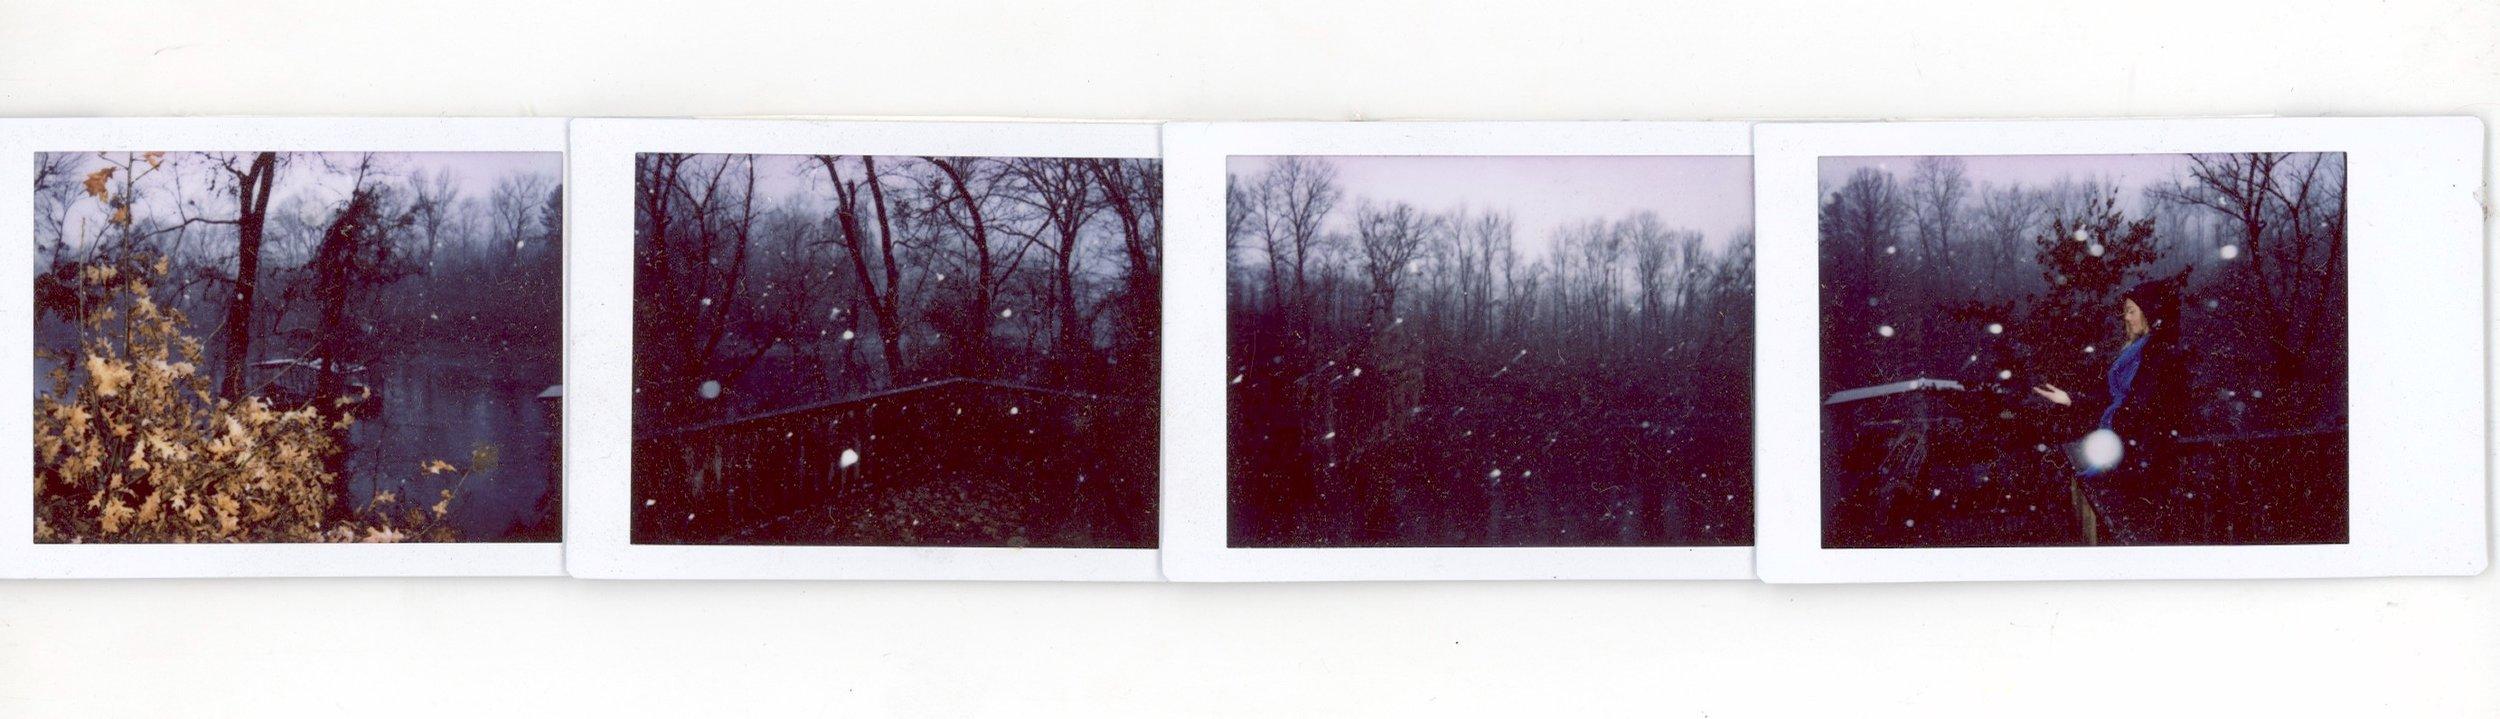 snow in arkansas II.jpeg